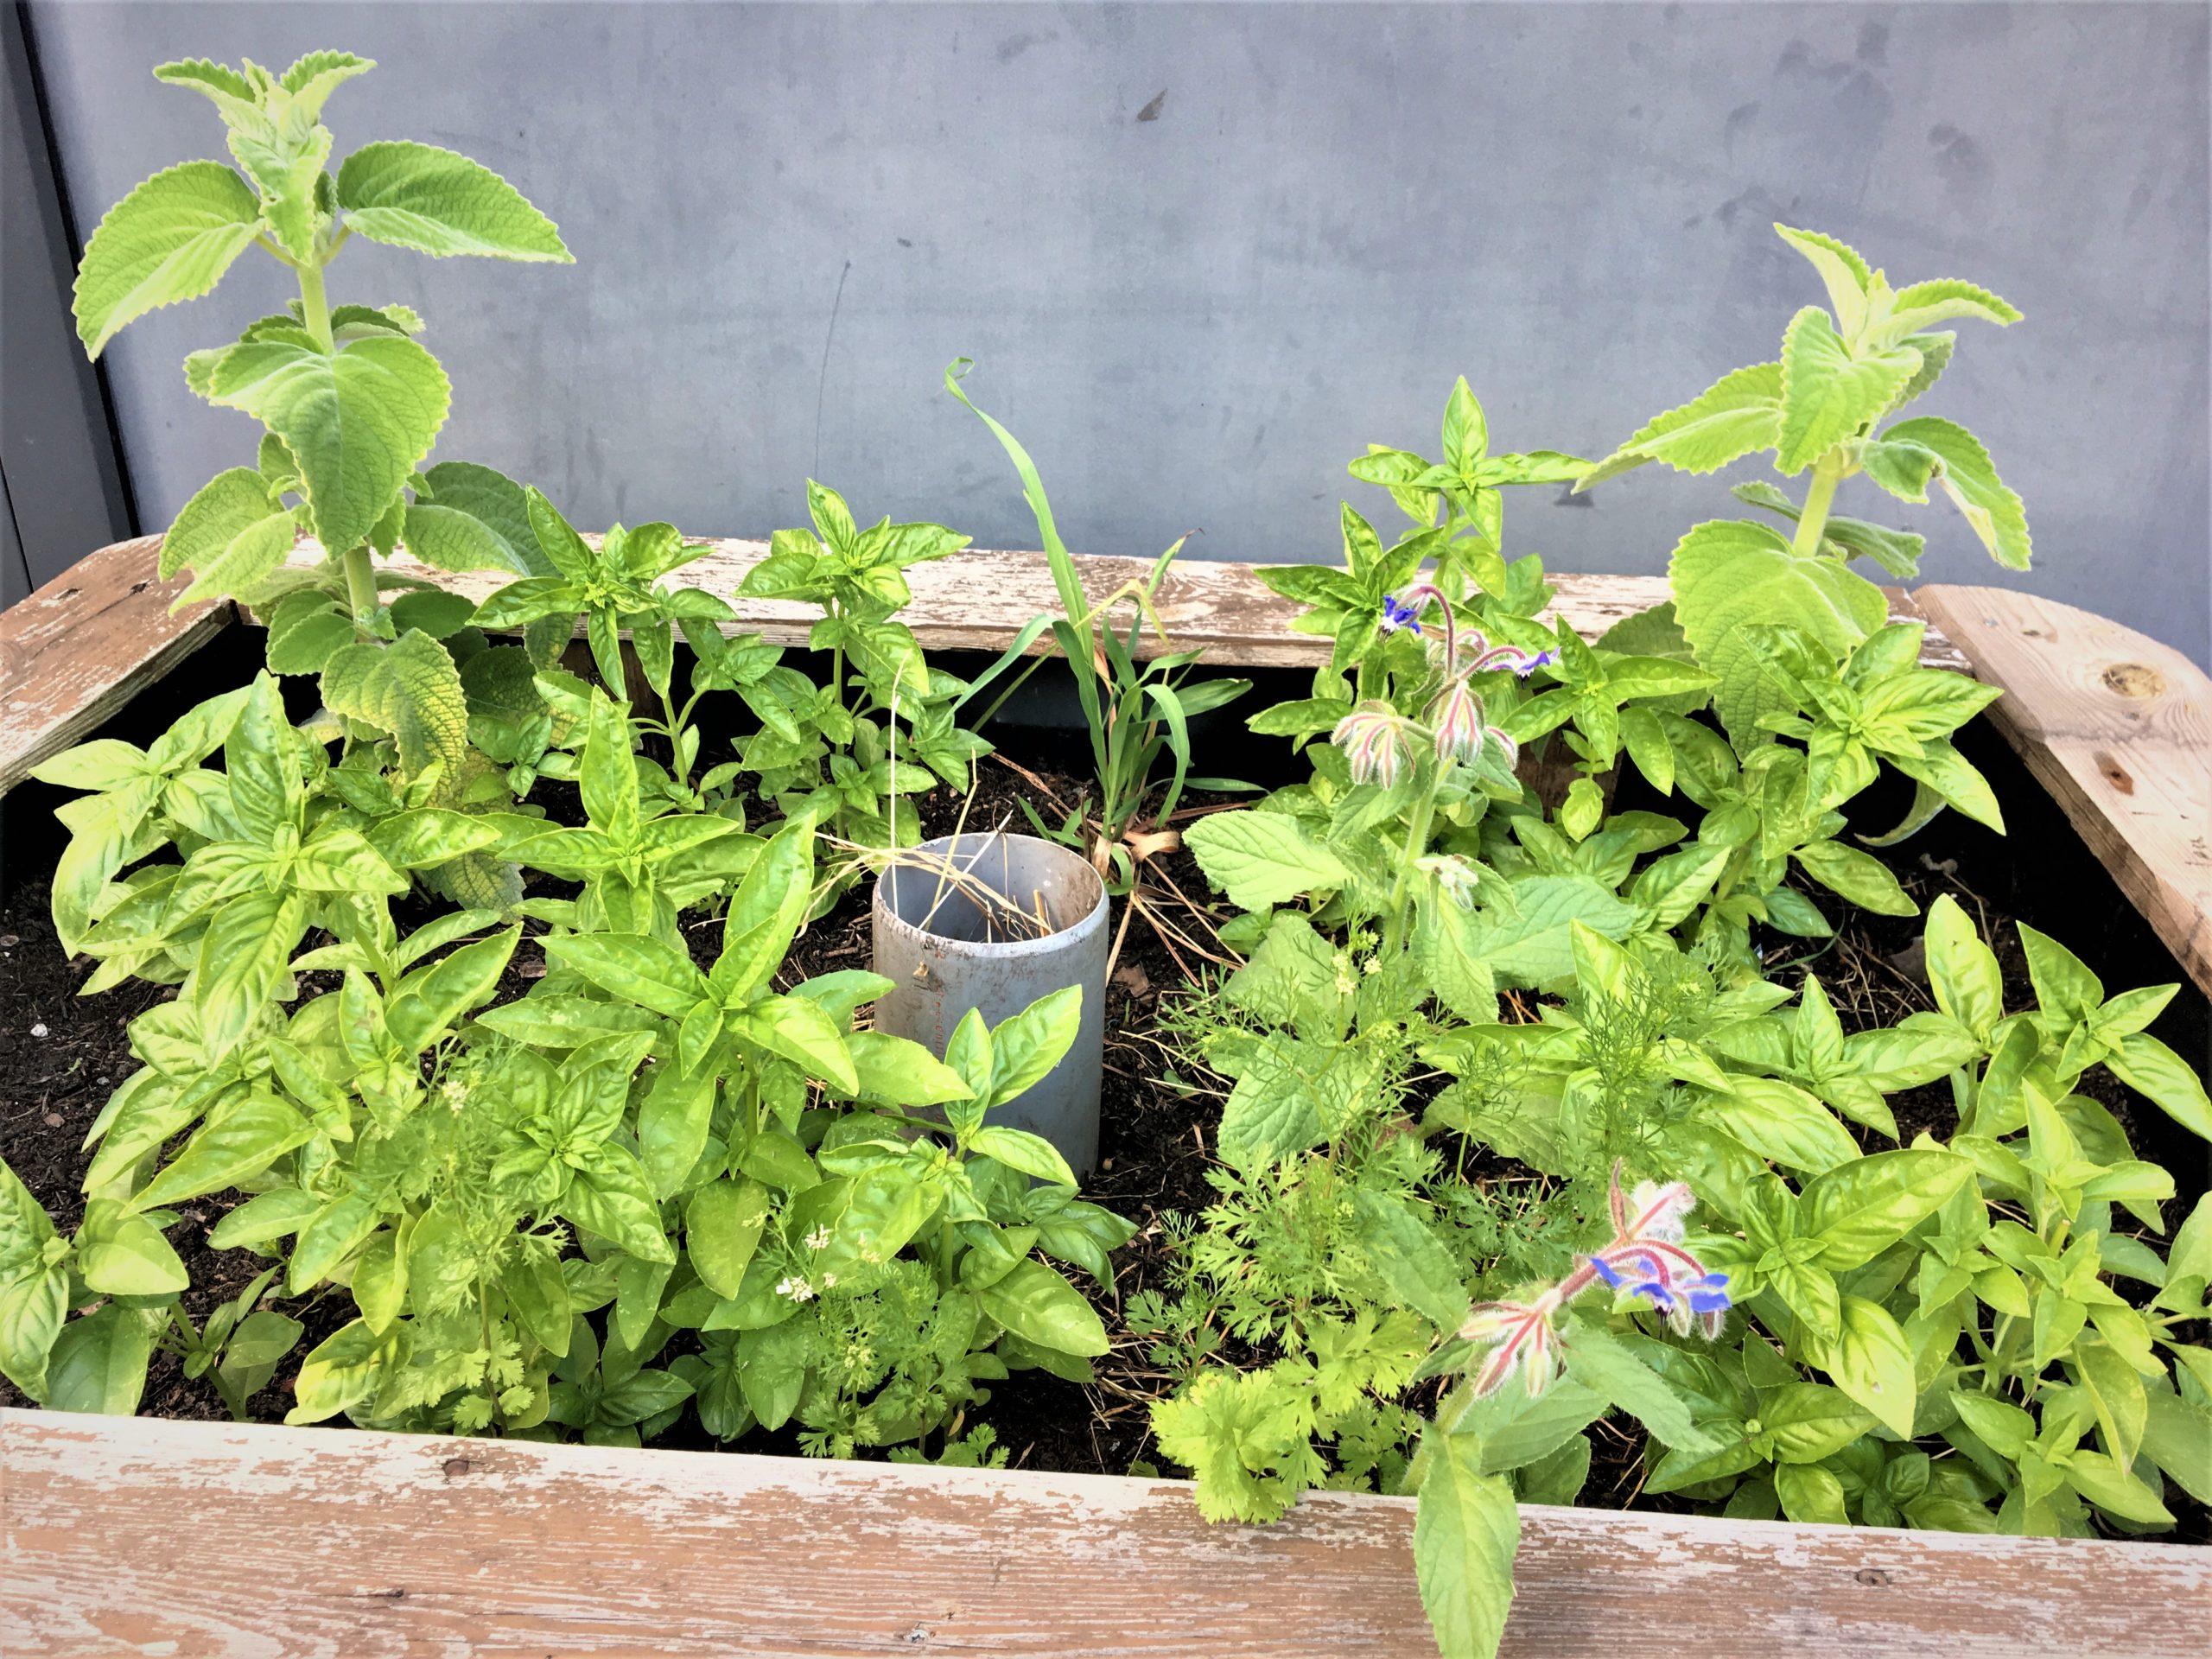 WuPf-Wurm-Pflanzenkiste als Hochbeet mit durchlöchertem Rohr als Wurmturm